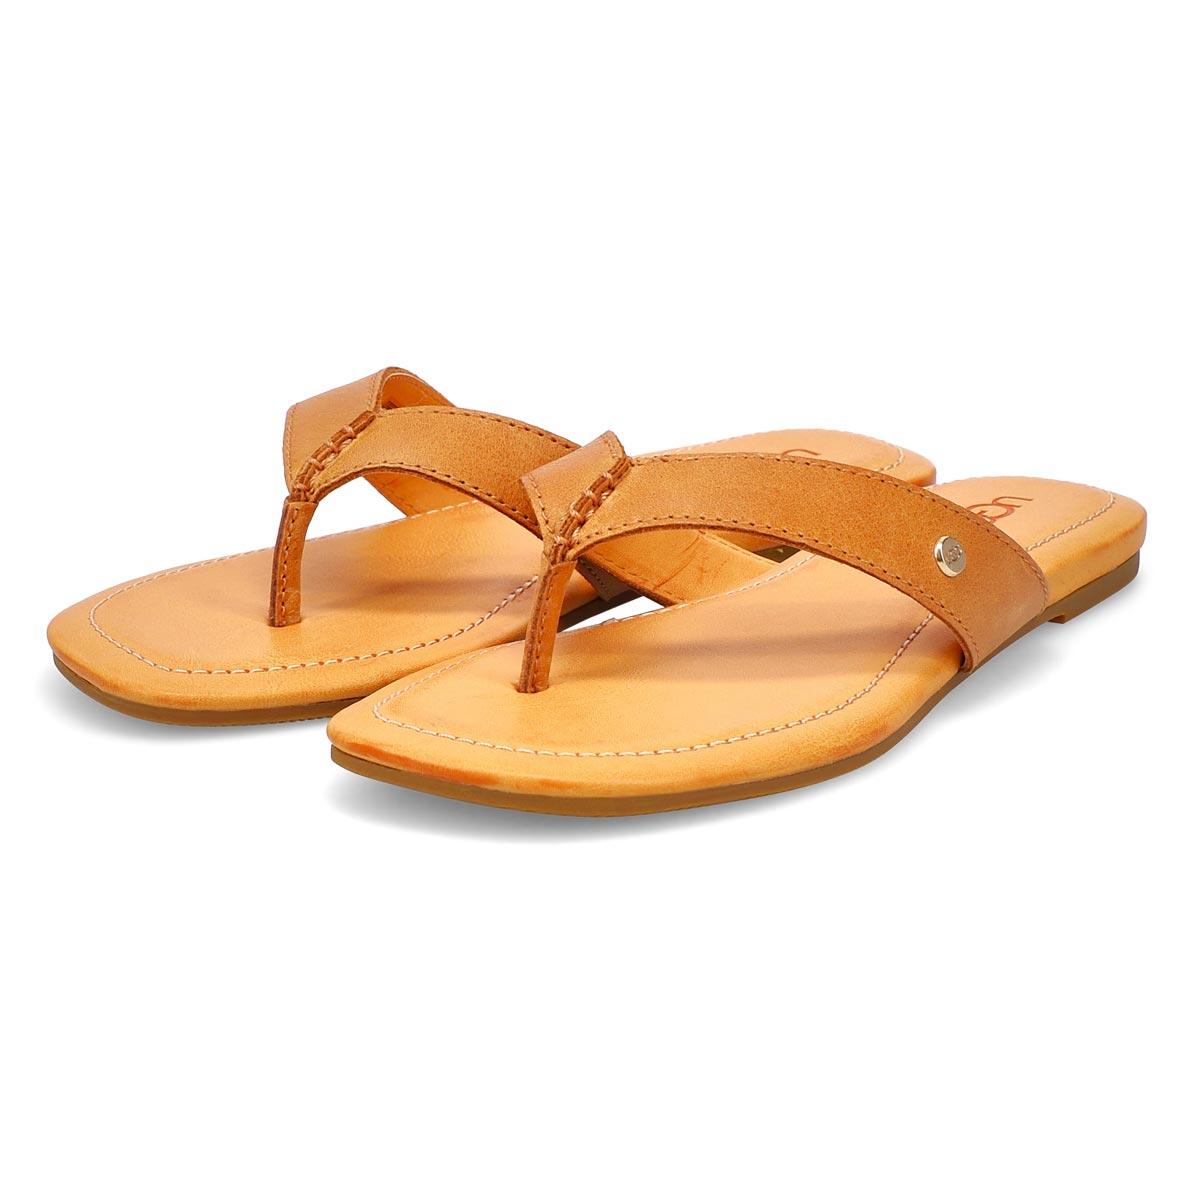 Women's Tuolumne Thong Sandal - Almond